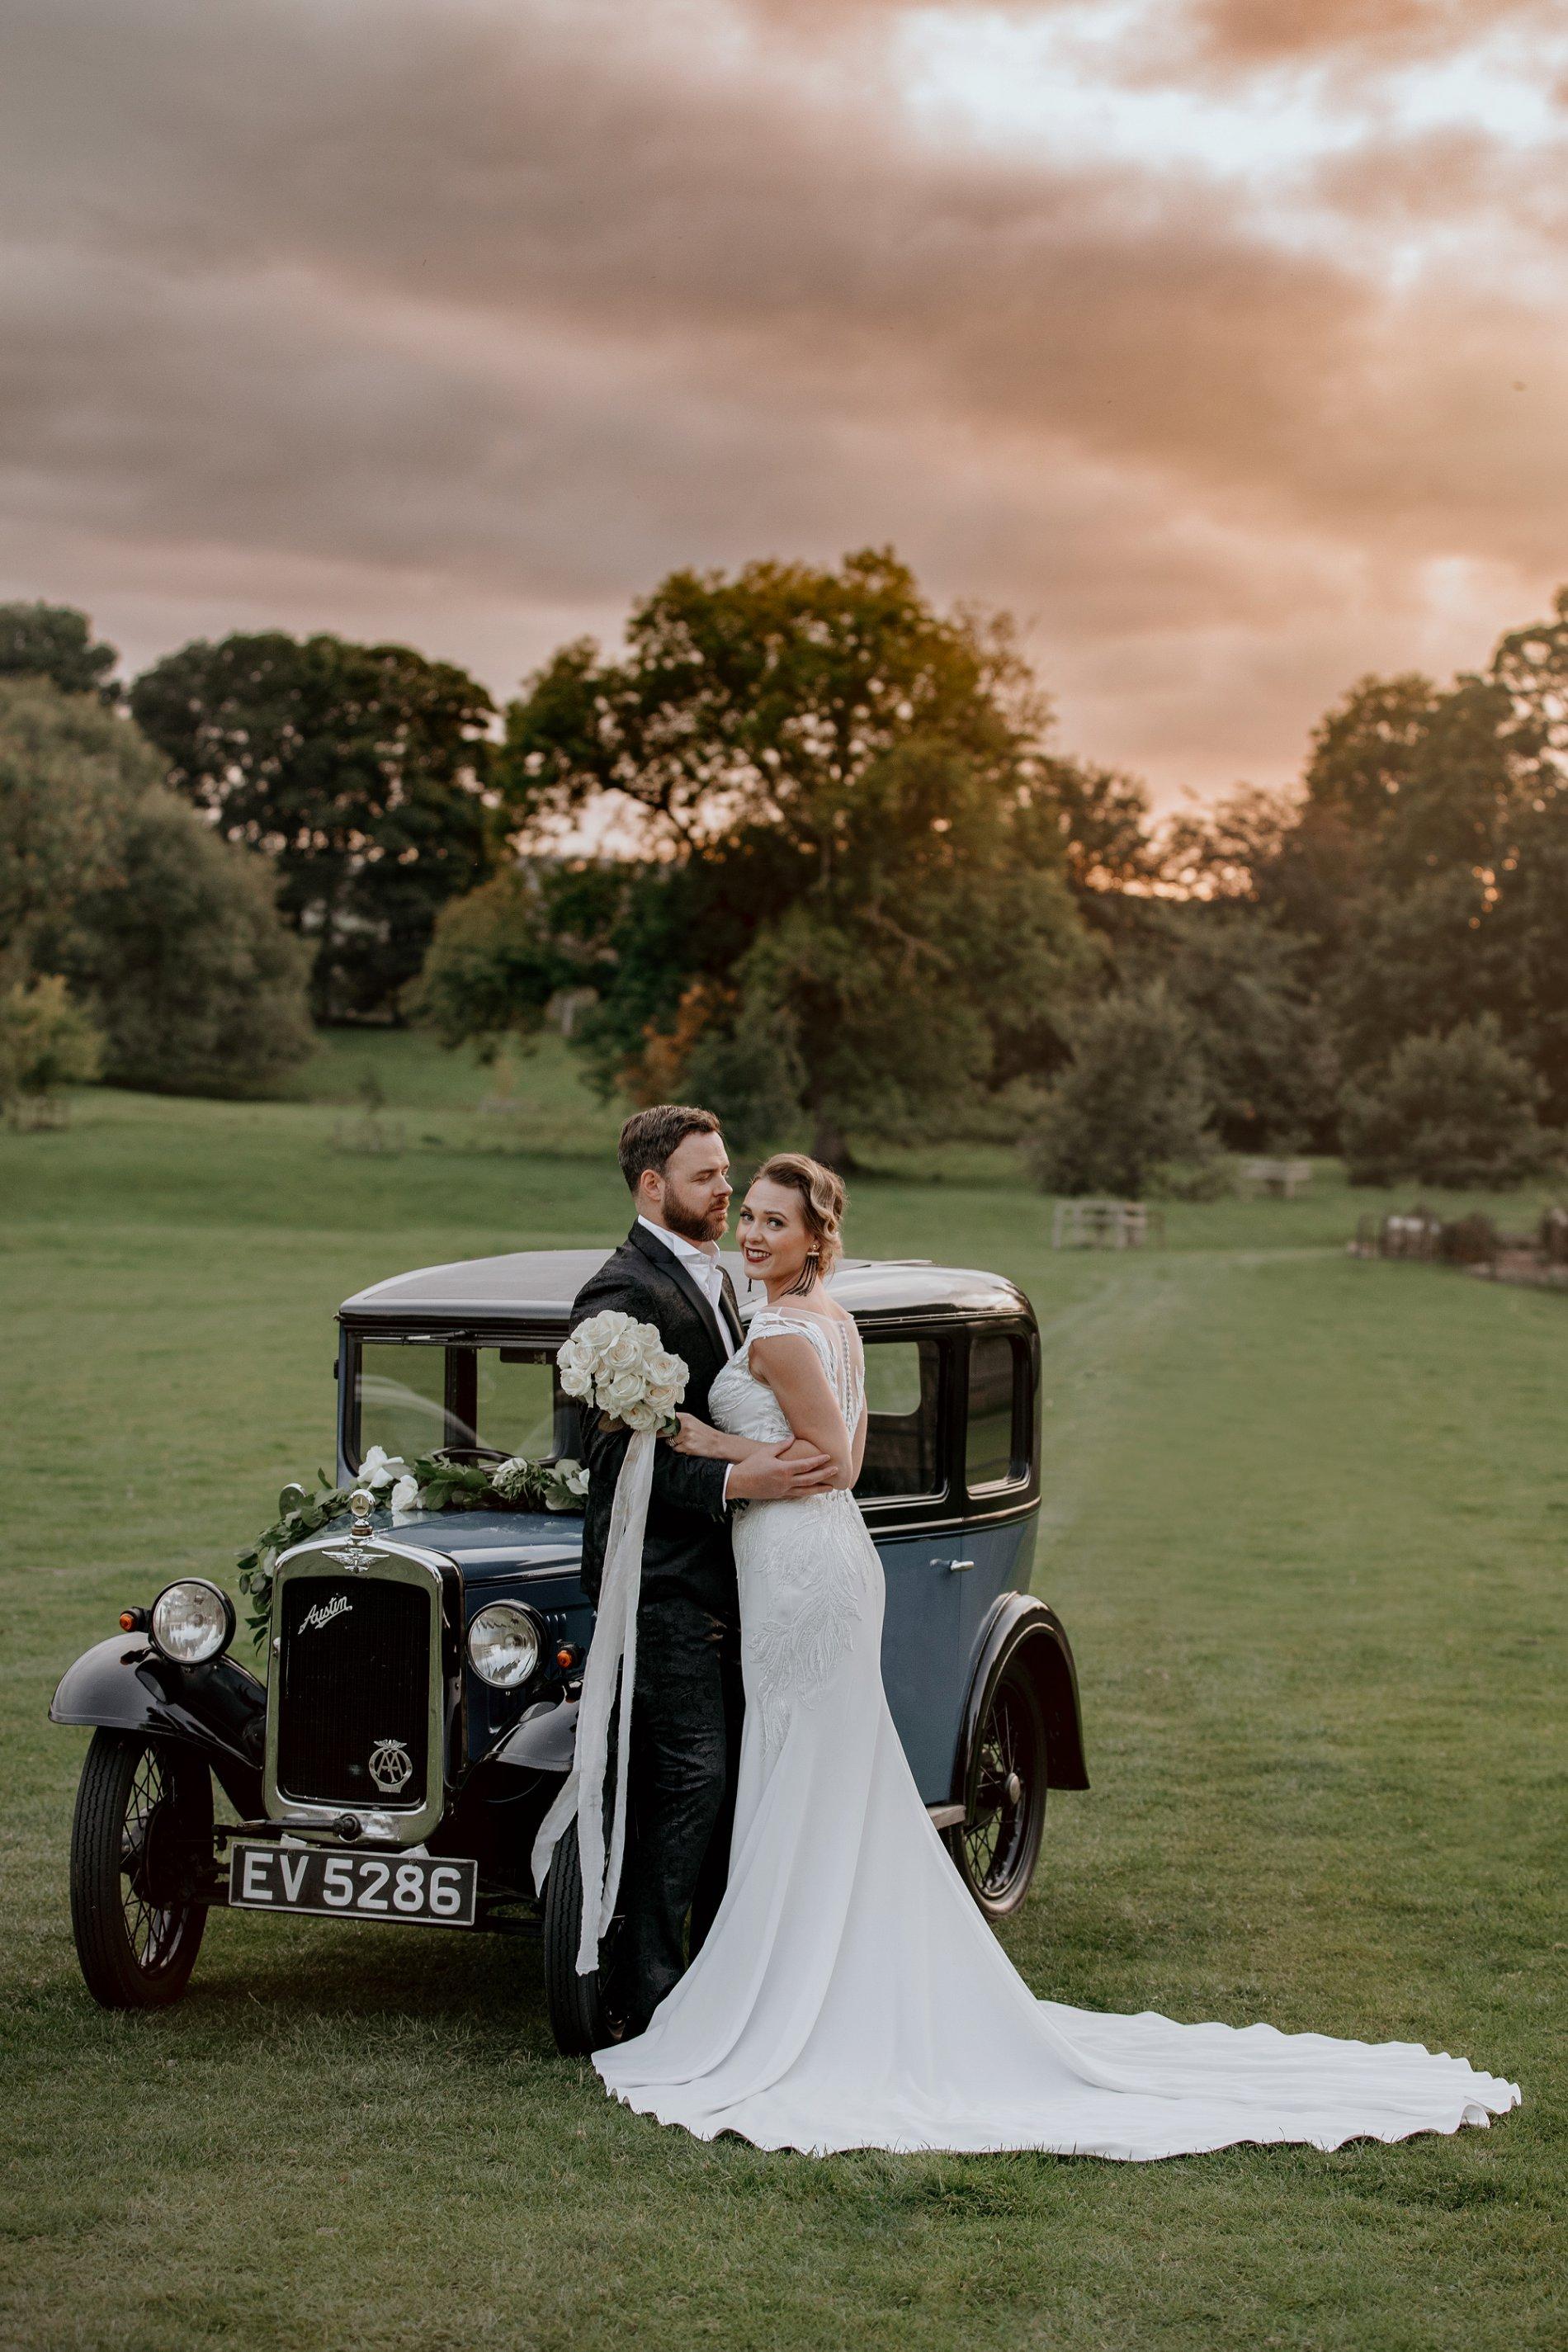 An Elegant Wedding Shoot at Jervaulx Abbey (c) Natalie Hamilton Photography (92)